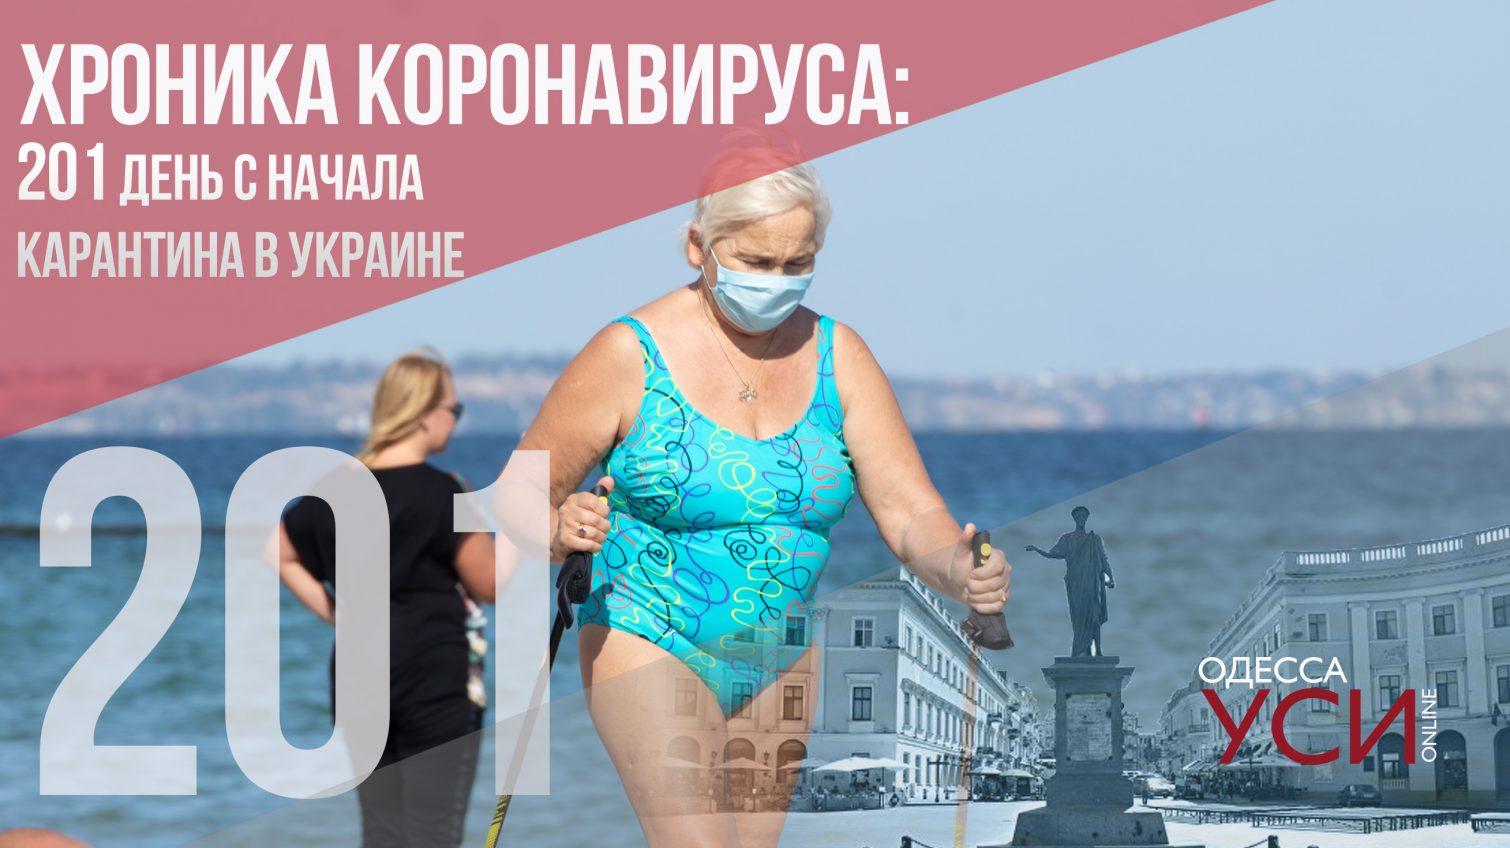 Хроника коронавируса: на 201 день с начала карантина в Одесском регионе 7 летальных случаев «фото»